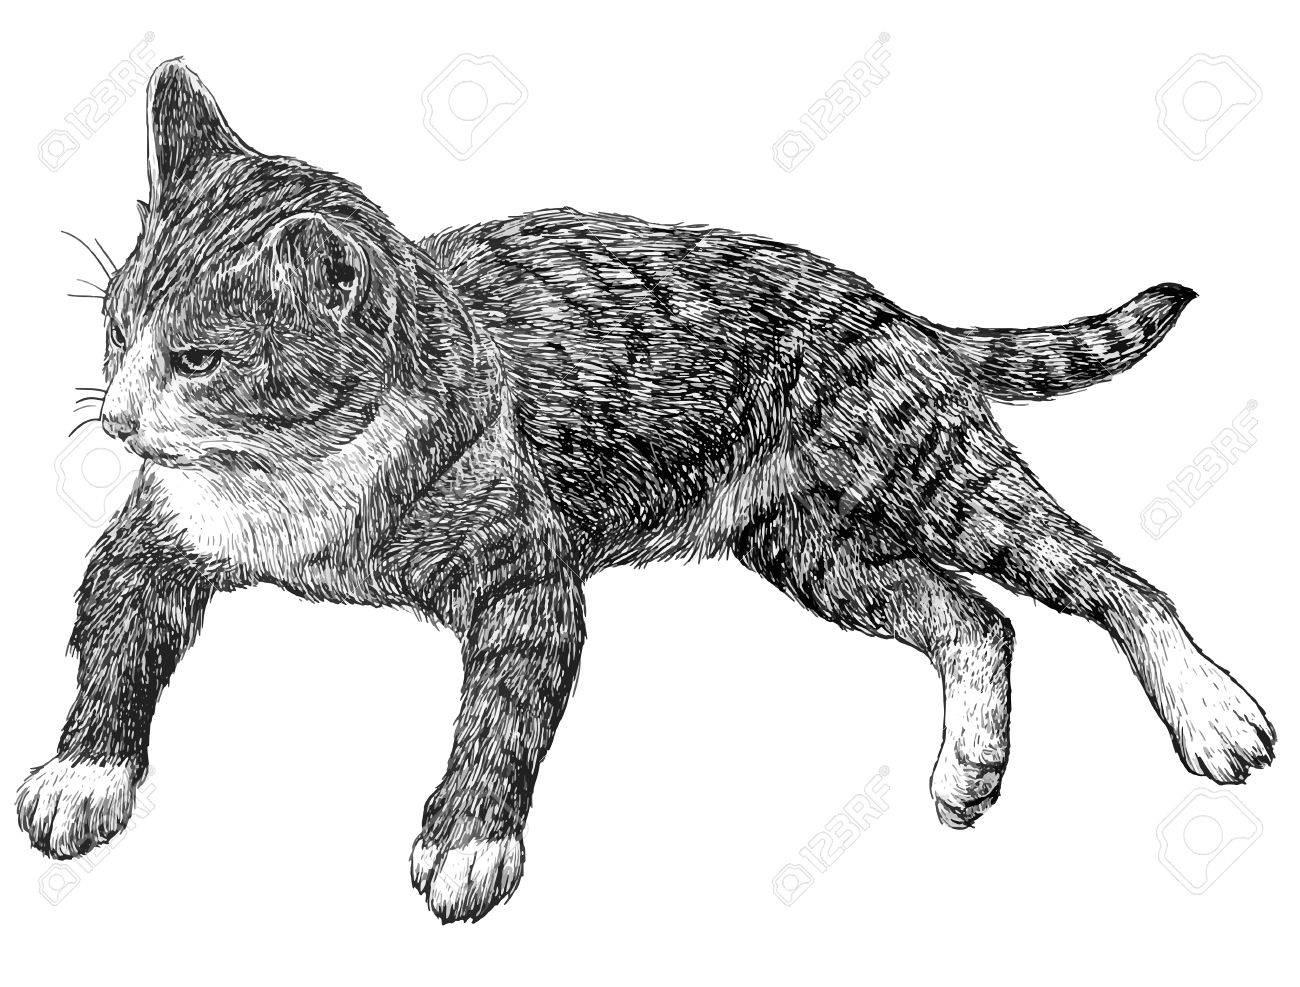 大人の猫は 白い背景の白黒イラストを描画します のイラスト素材 ベクタ Image